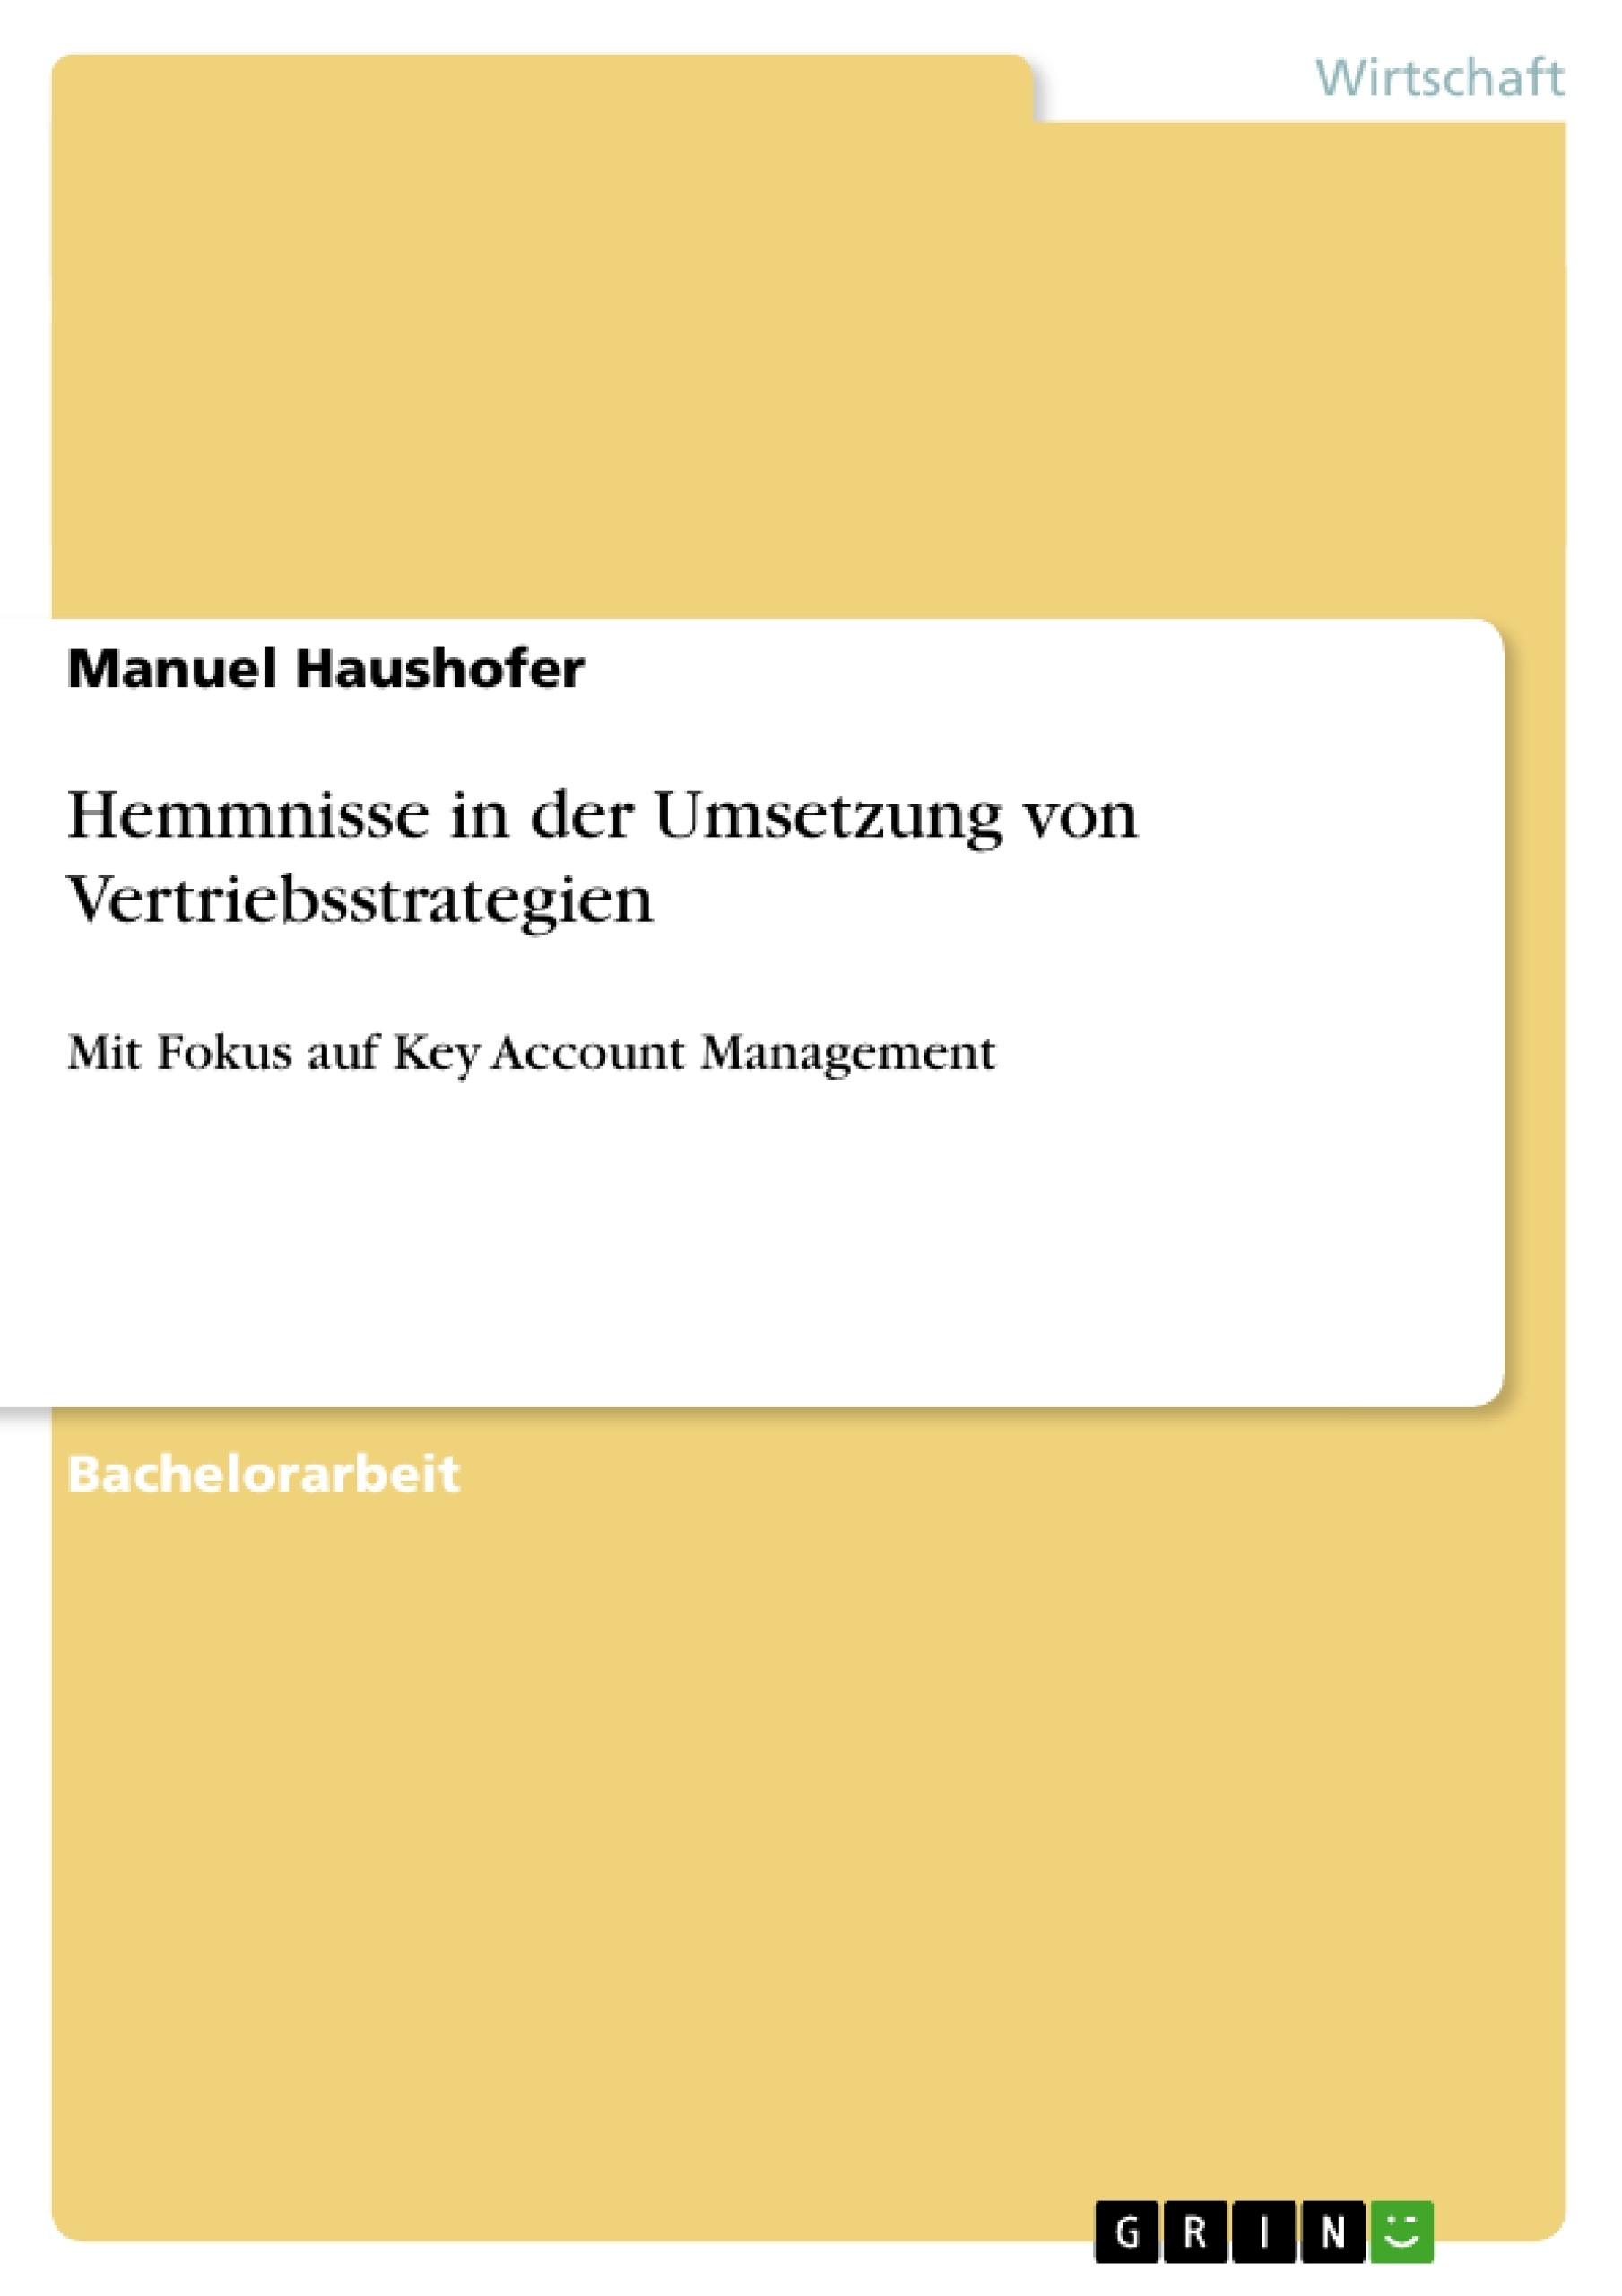 Titel: Hemmnisse in der Umsetzung von Vertriebsstrategien